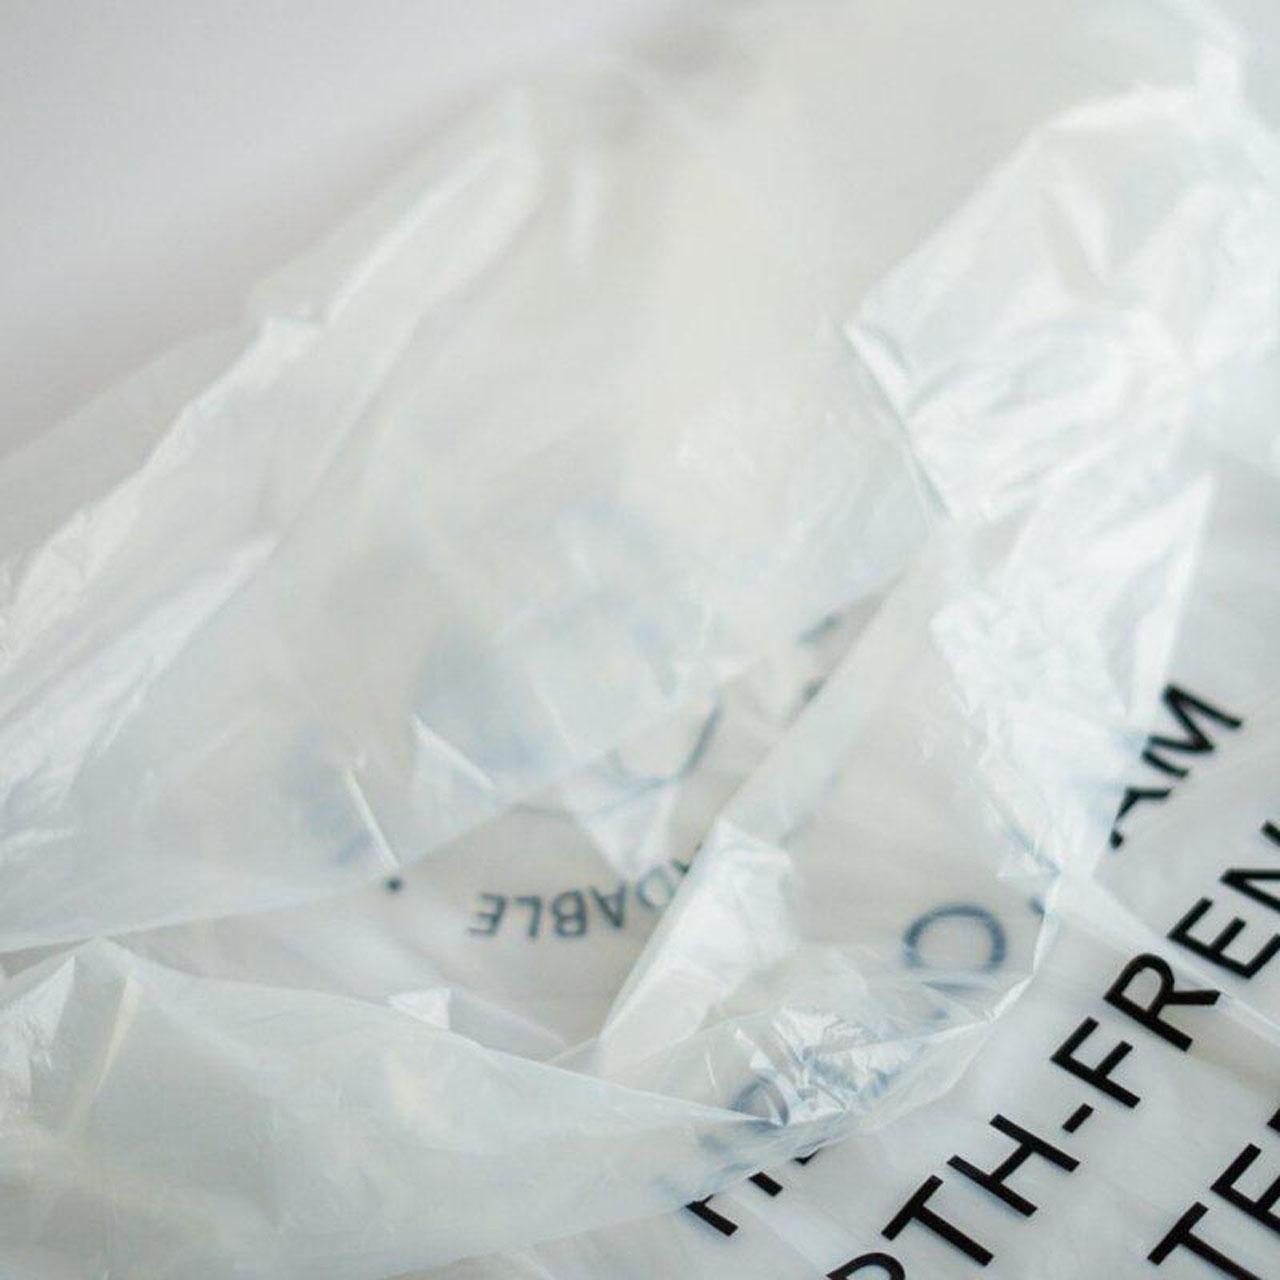 バイオプラスチックゴミ袋・45L